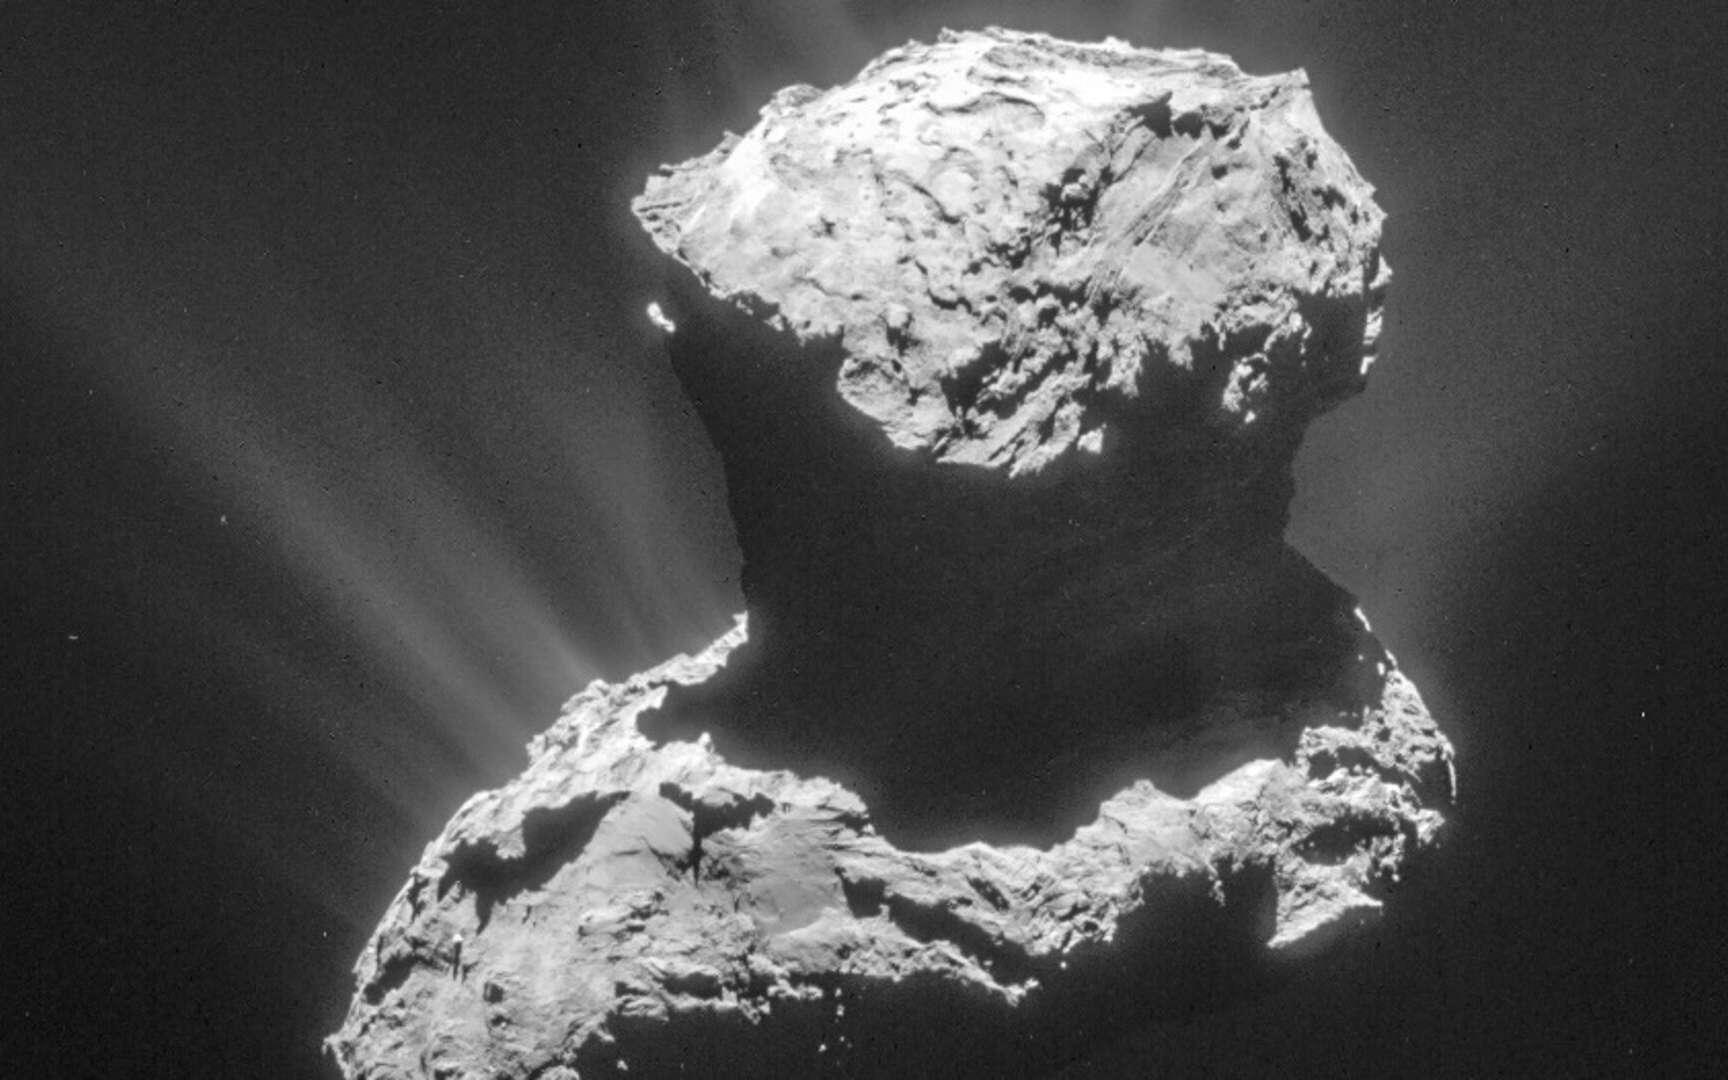 Les données provenant d'instruments embarqués à bord de la mission Rosetta de l'Agence spatiale européenne (ESA) ont permis de révéler des émissions aurorales ultraviolettes uniques autour de la comète Tchouri. © ESA, Rosetta, NavCam – CC BY-SA IGO 3.0